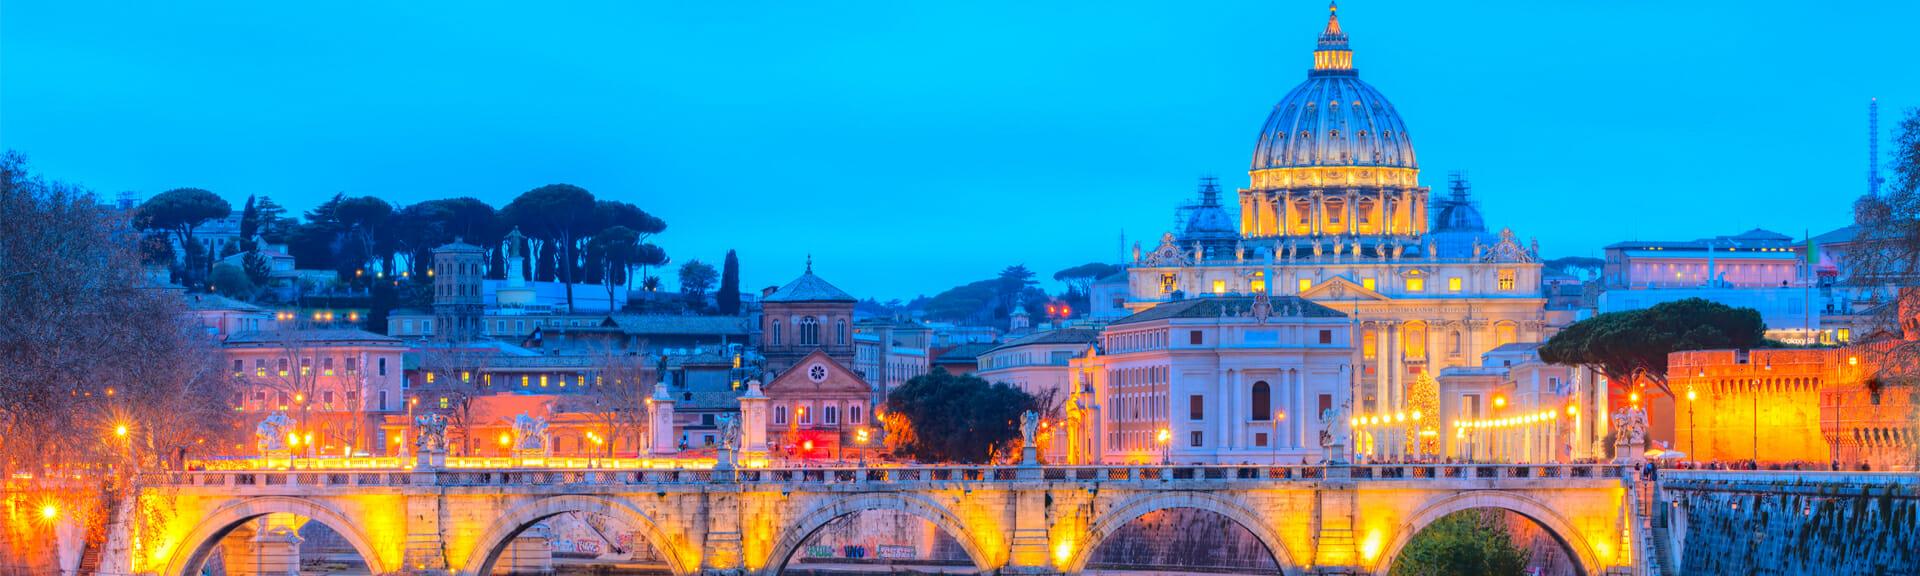 Klassenfahrt Rom Petersdom bei Nacht